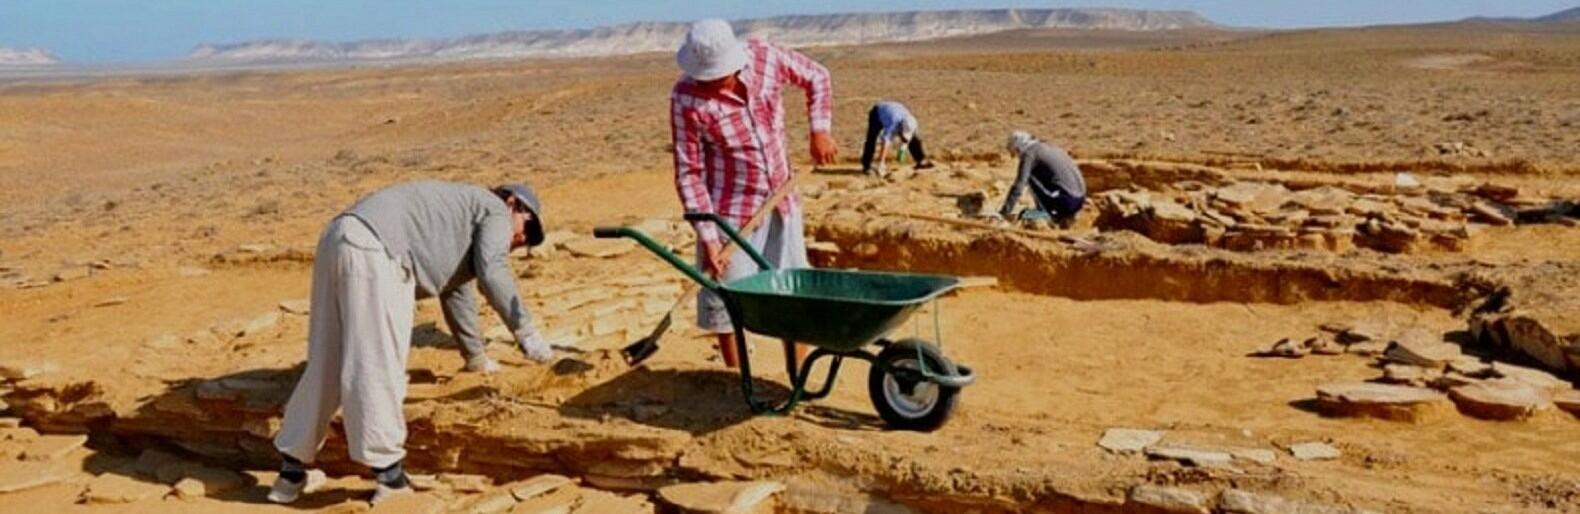 Более семи миллионов тенге планируют выделить на реставрацию некрополя Айымбет в Мангистау